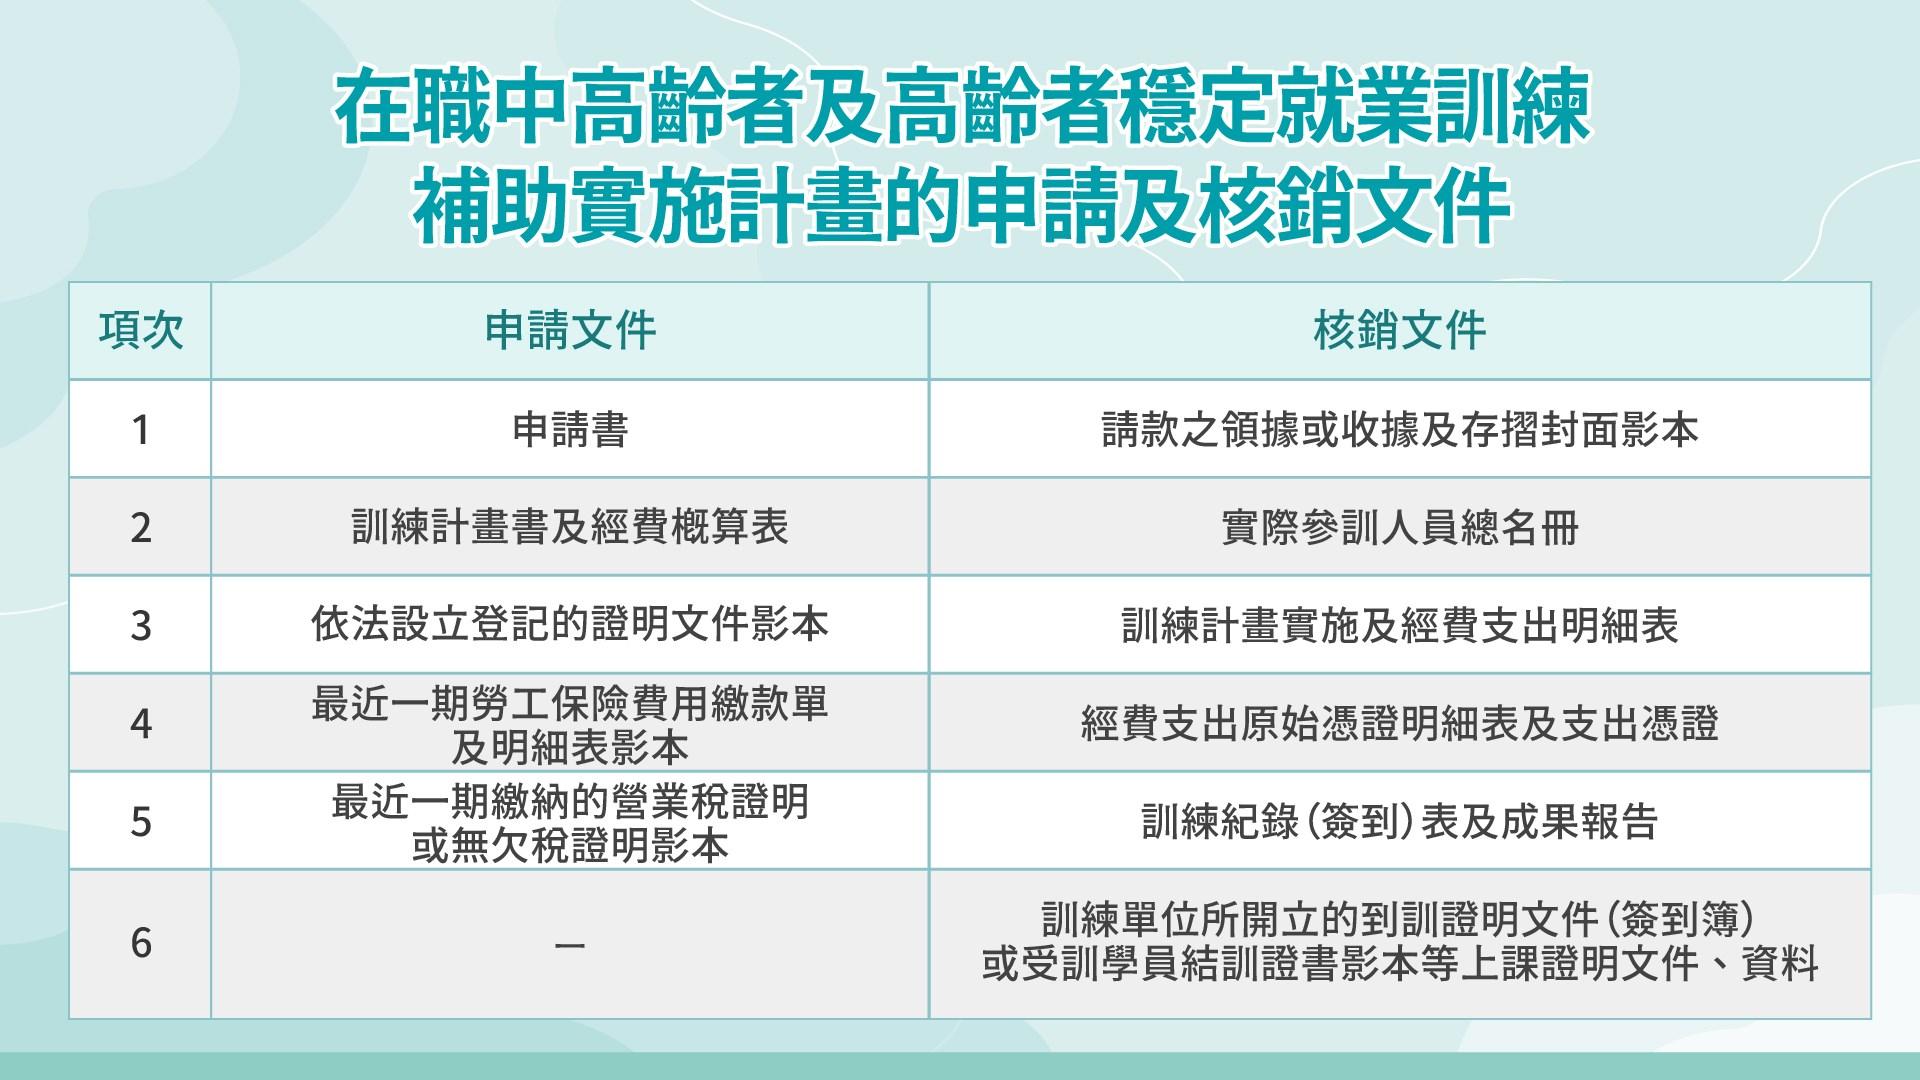 「在職中高齡者及高齡者穩定就業訓練補助實施計畫」懶人包6